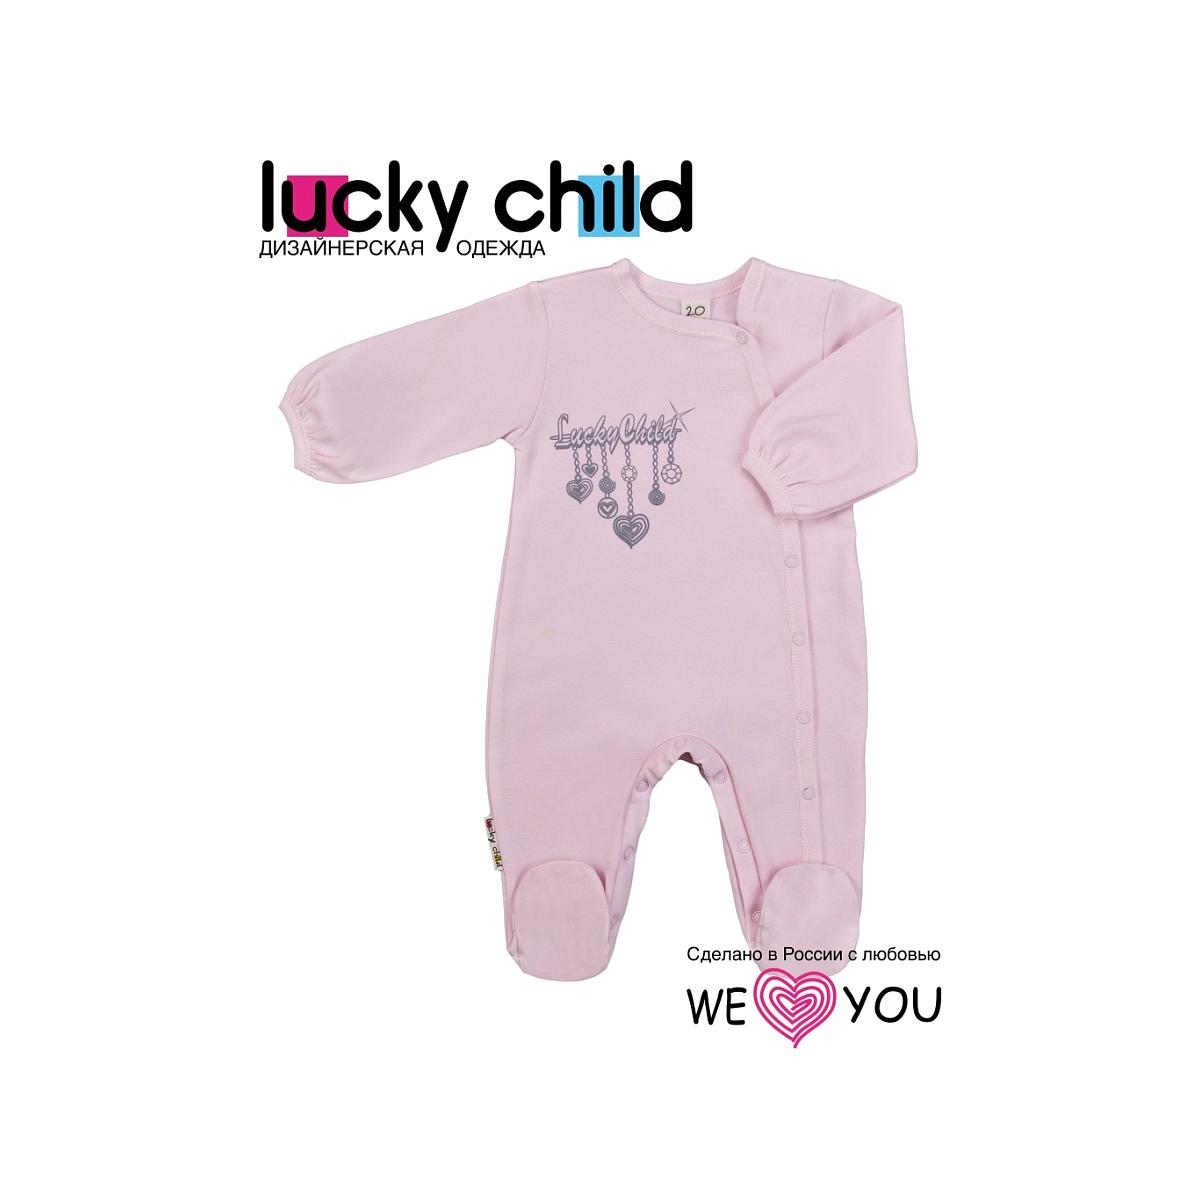 Комбинезон Lucky Child коллекция Леди Брошь Размер 68<br>